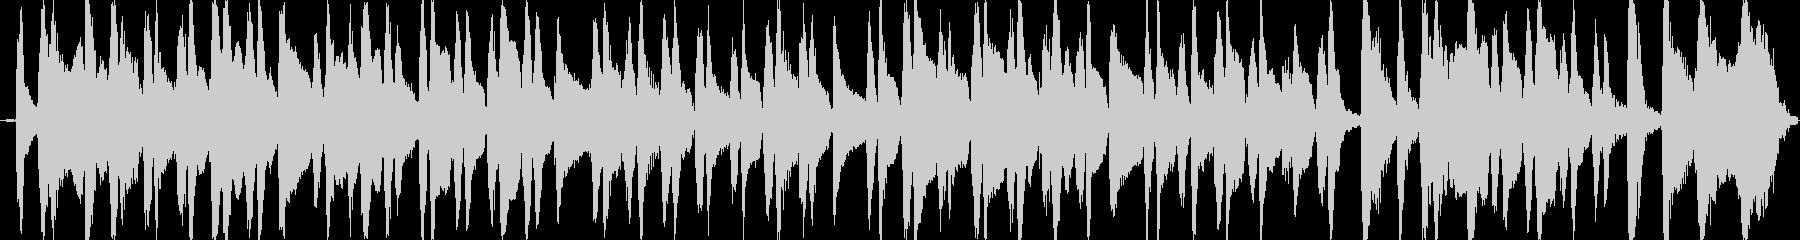 アコギのコミカルなブルースの未再生の波形